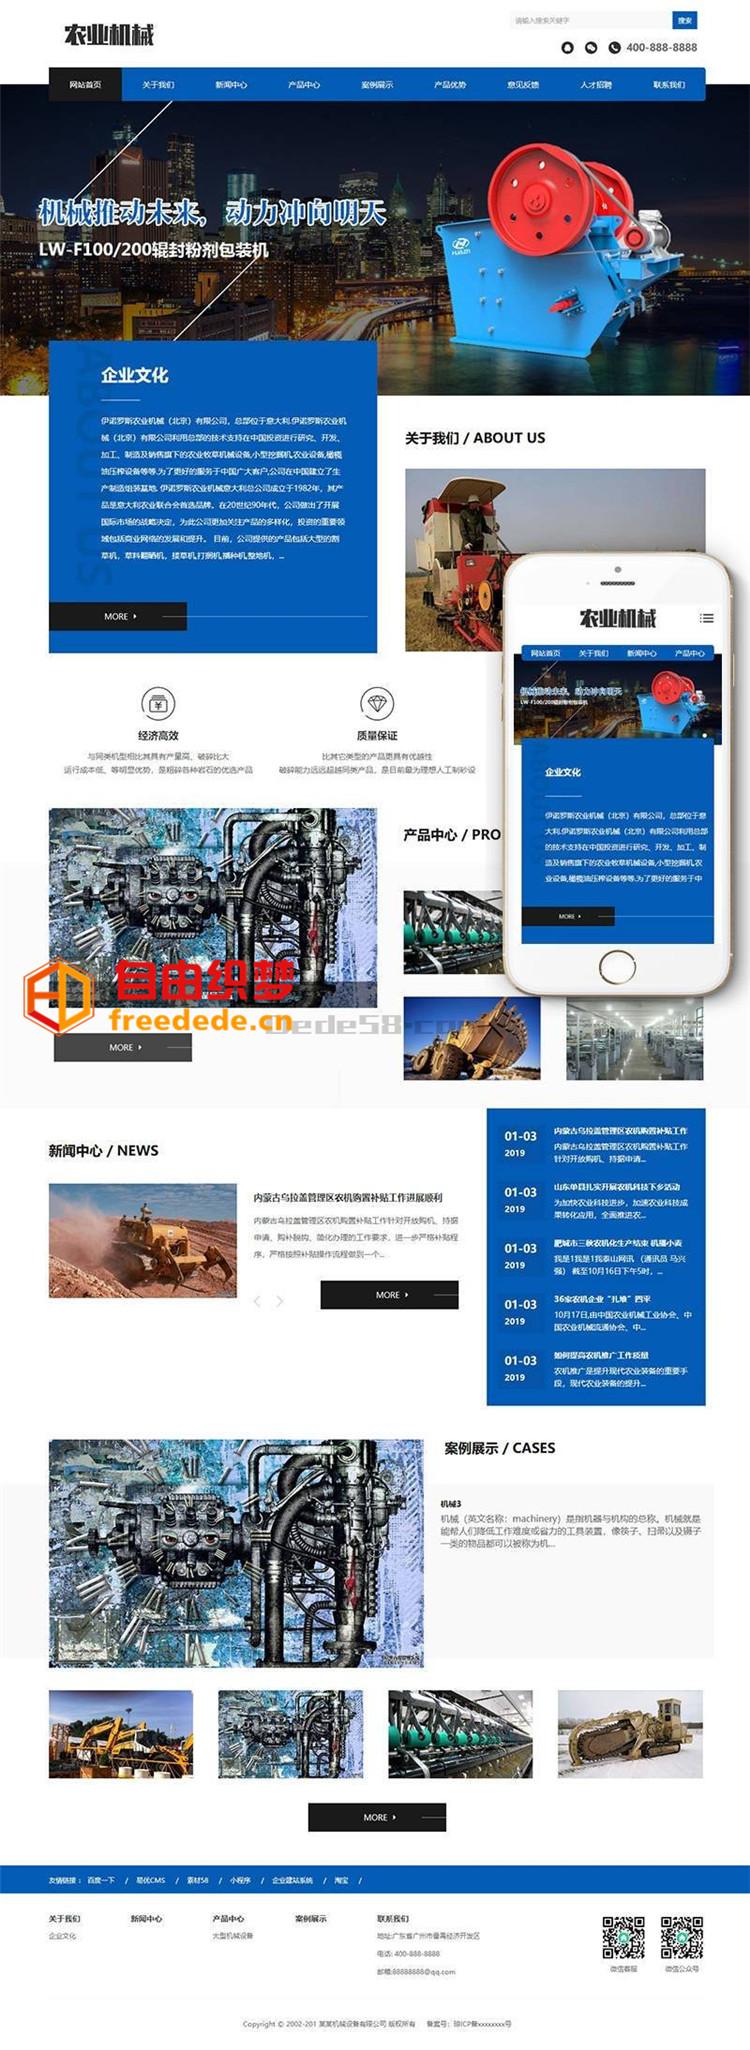 爱上源码网文章dedecms模板下载 响应式大型农业机械设备网站织梦模板(自适应手机端)的内容插图